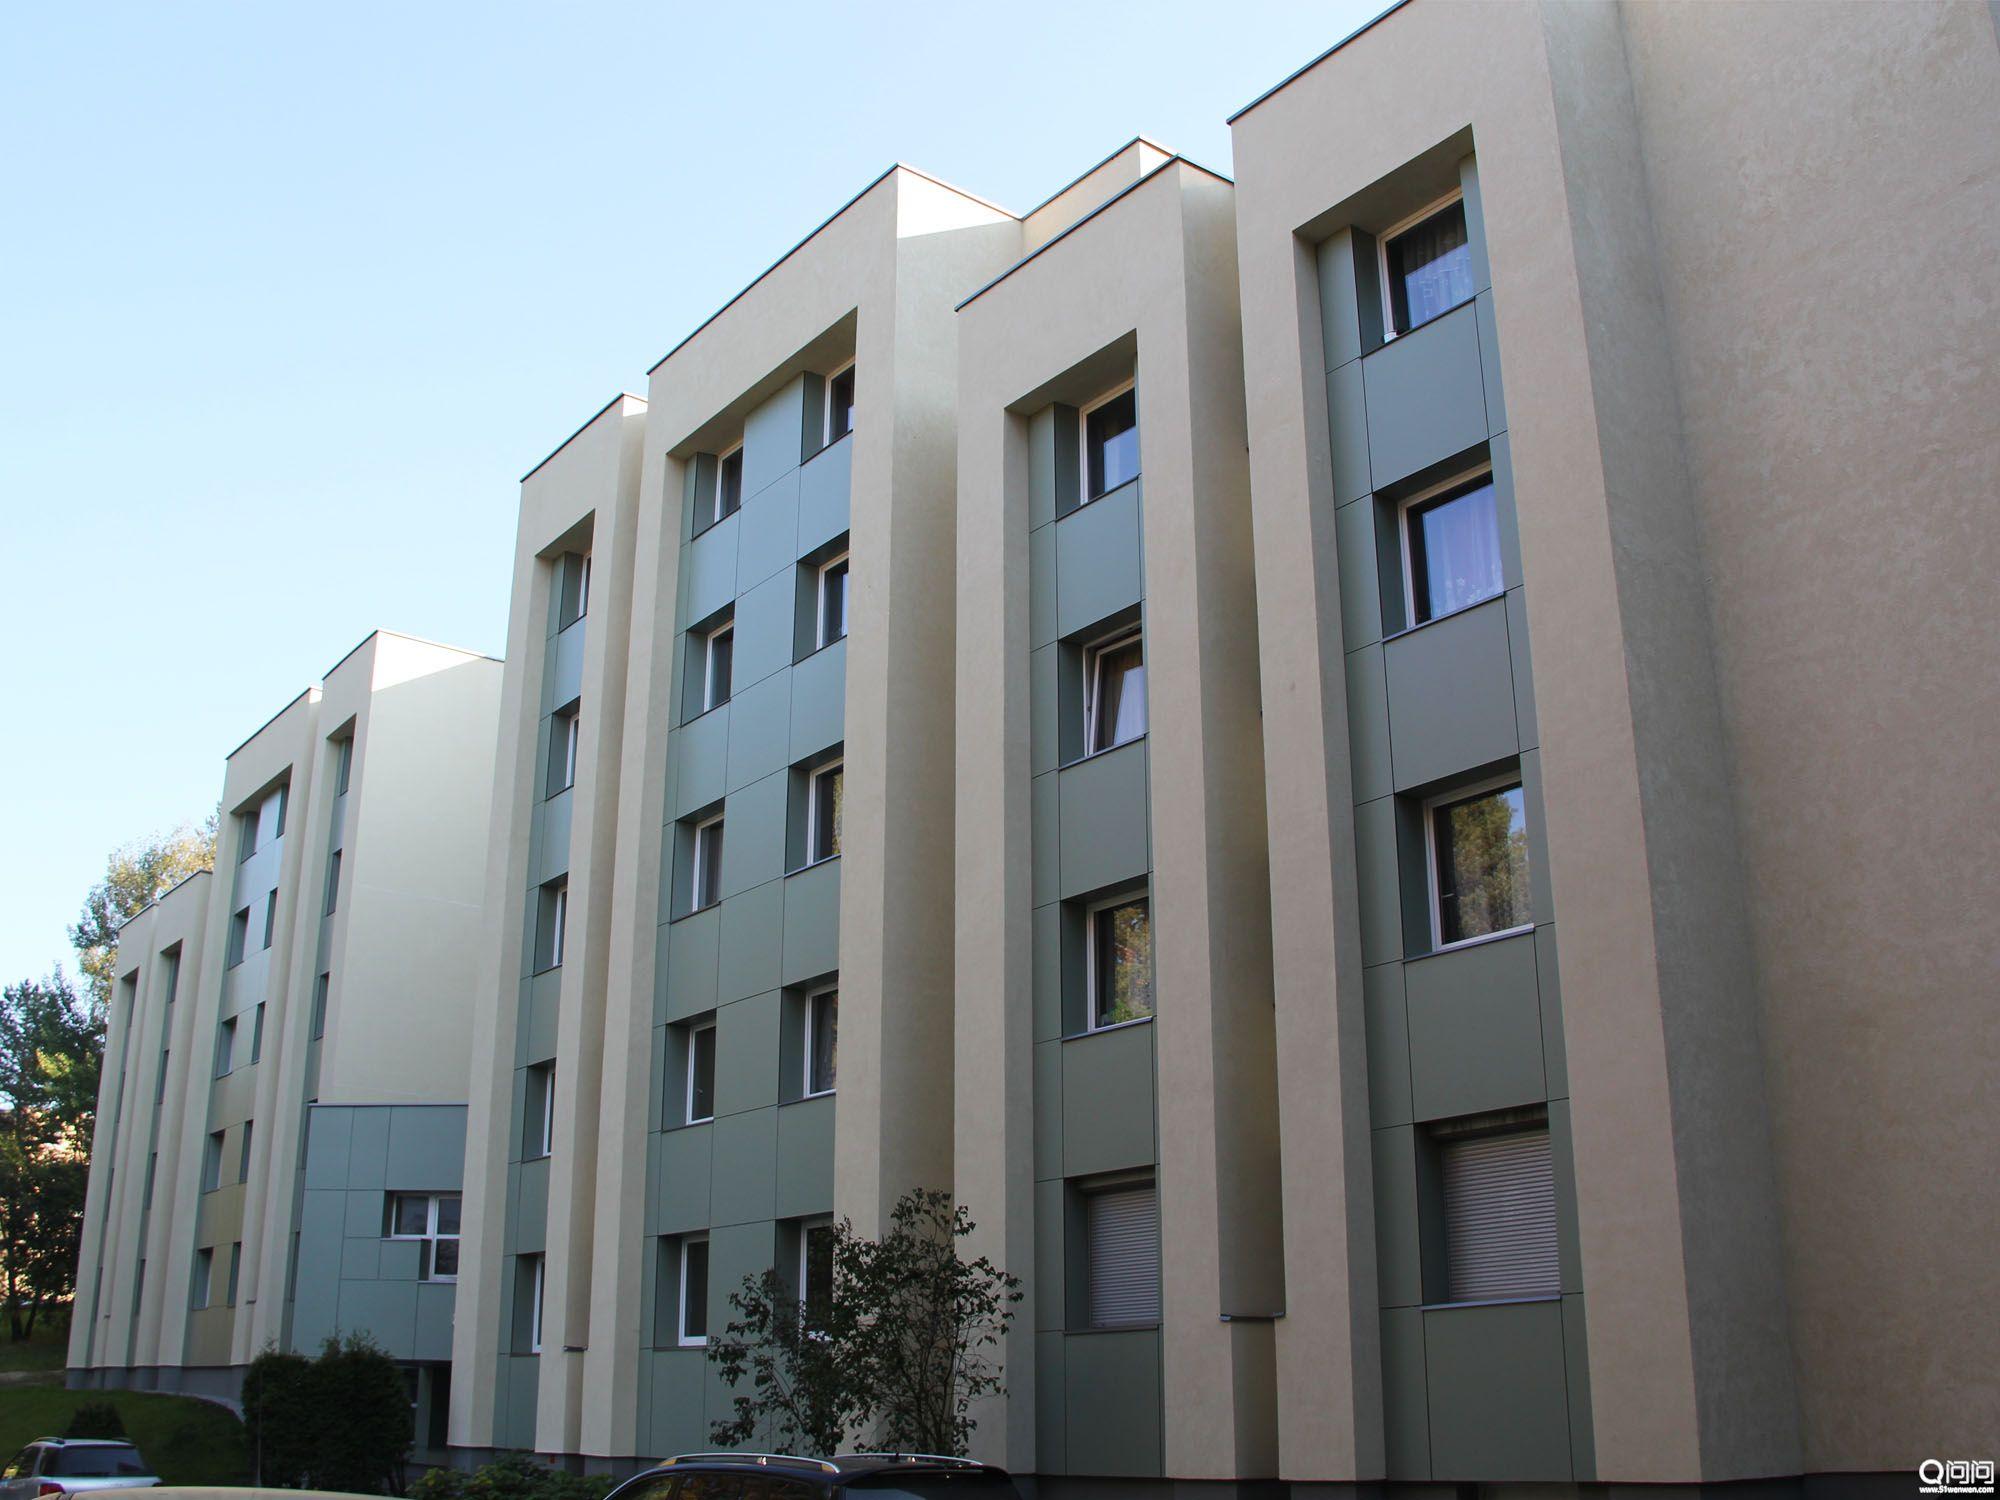 维尔纽斯格迪米纳斯技术大学的宿舍